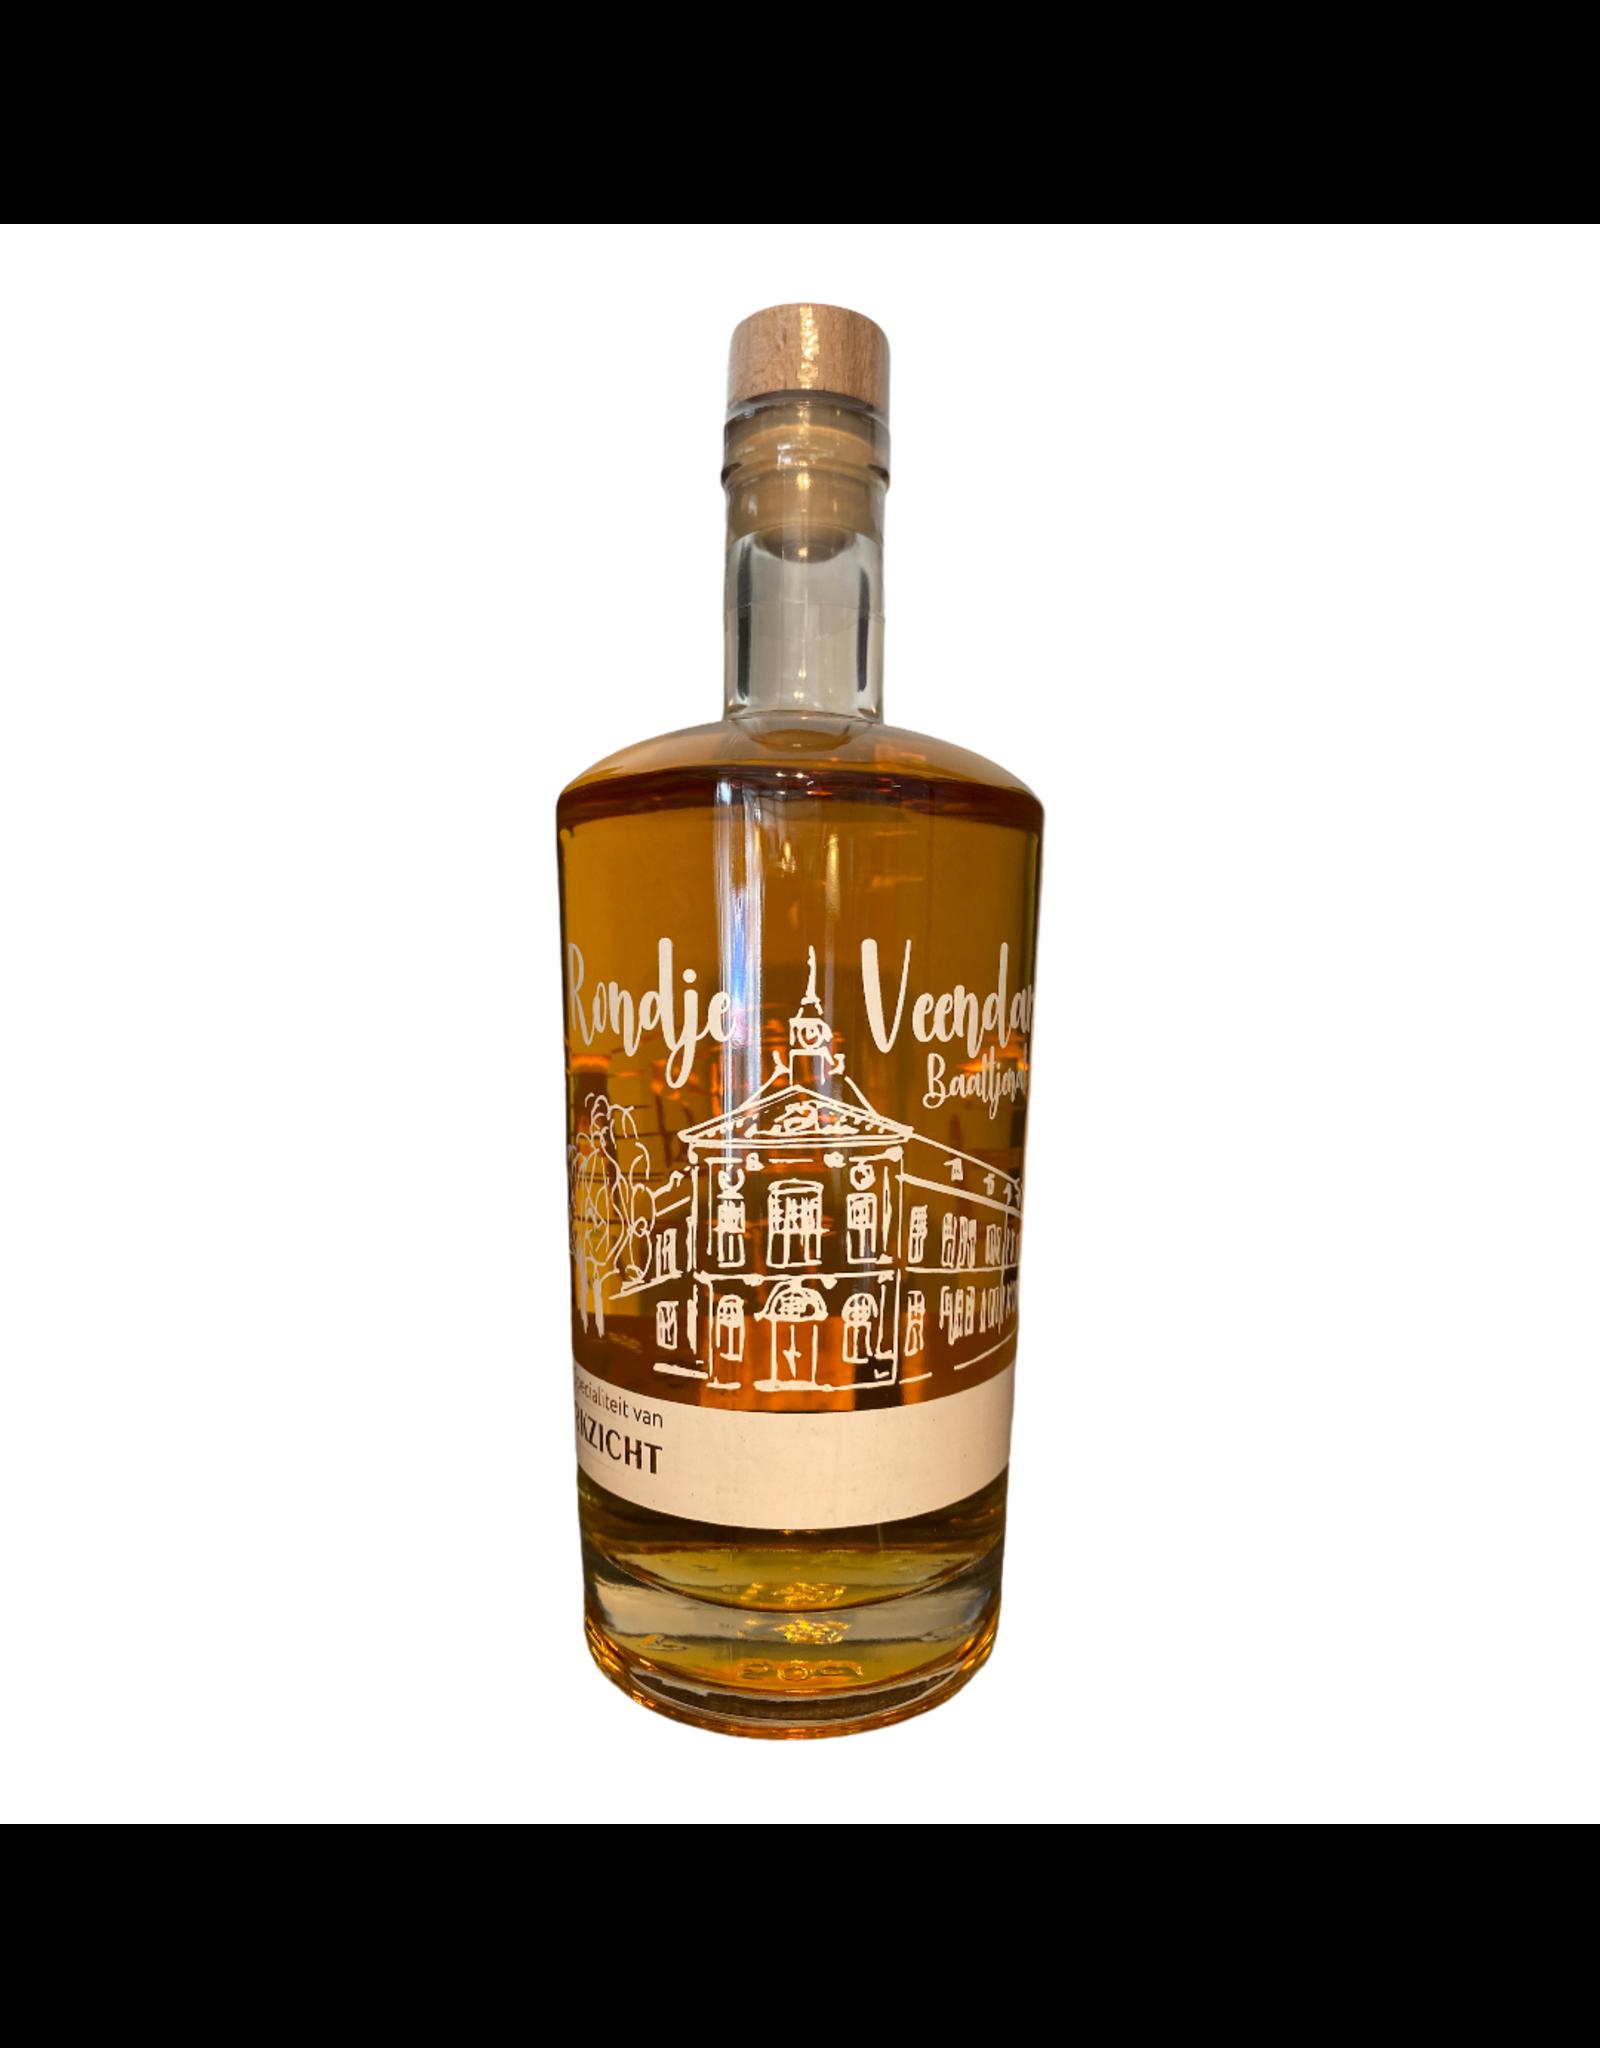 Rondje Veendam Rondje Veendam Rum Likeur 50cl